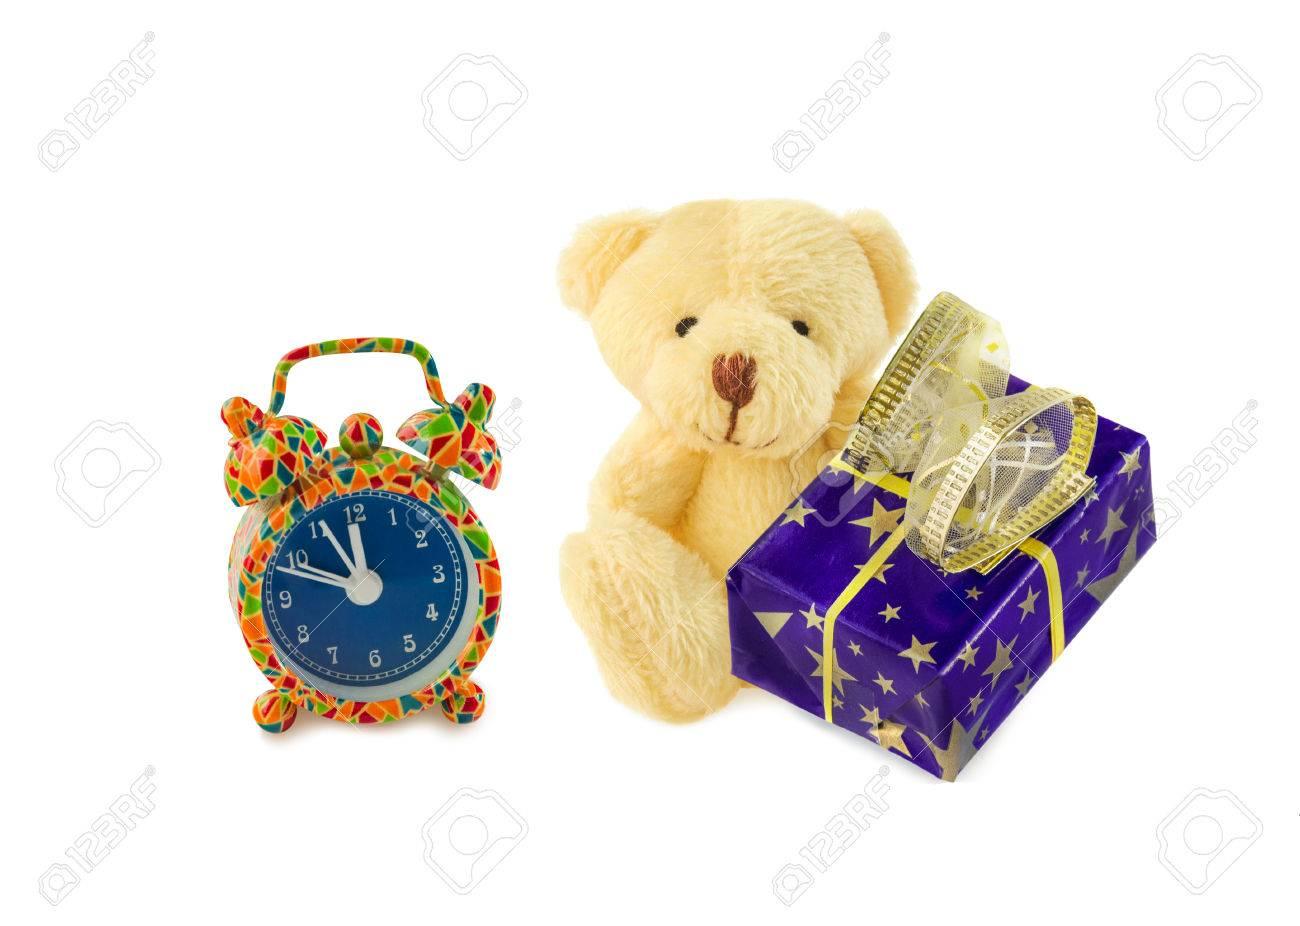 Bearanimale di blu sveglia pezza Teddy con regalo e scatola classico ulFc3KJT1